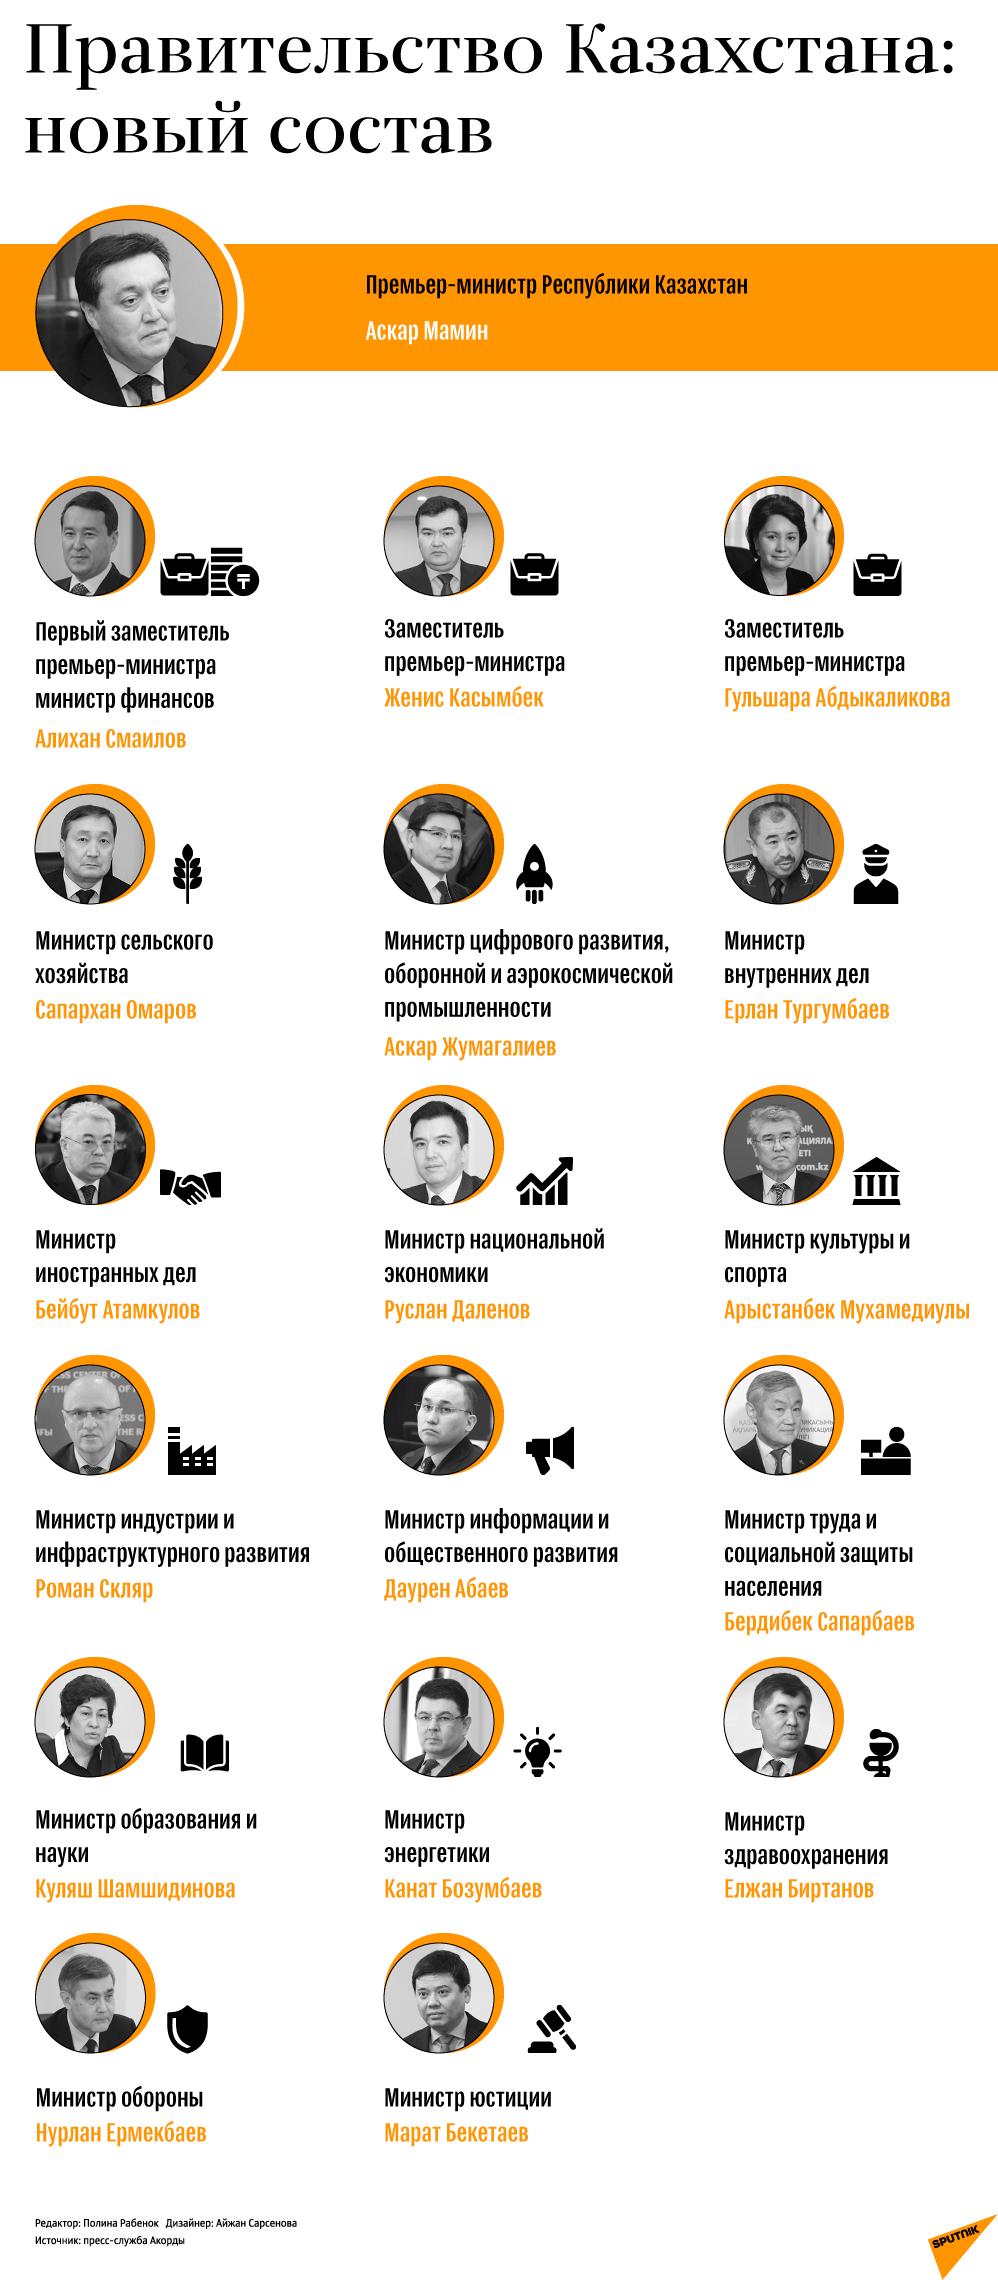 Новый состав правительства - инфографика